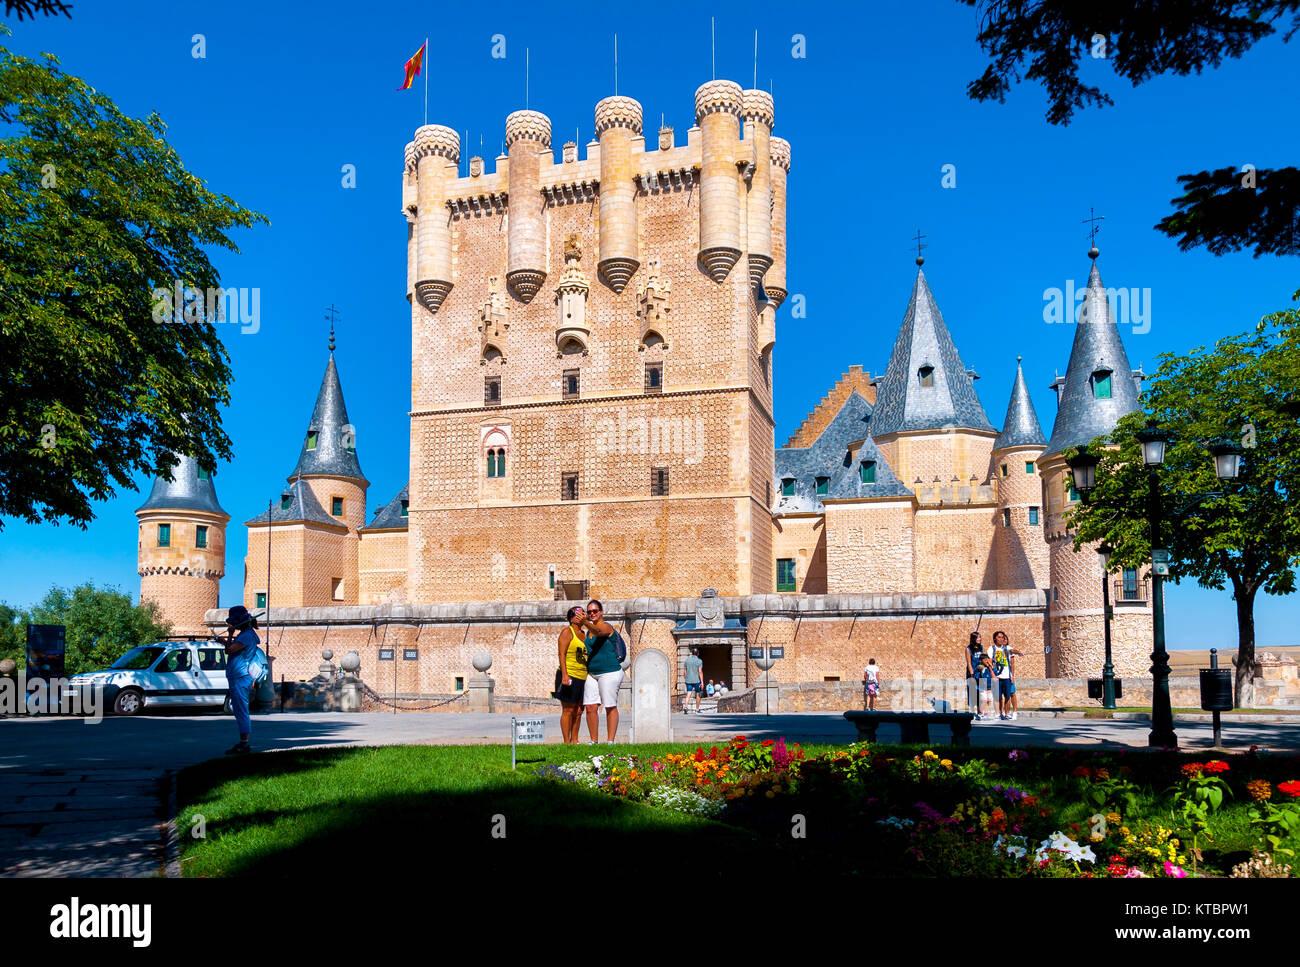 Alcázar de Segovia. Castilla León. España - Stock Image